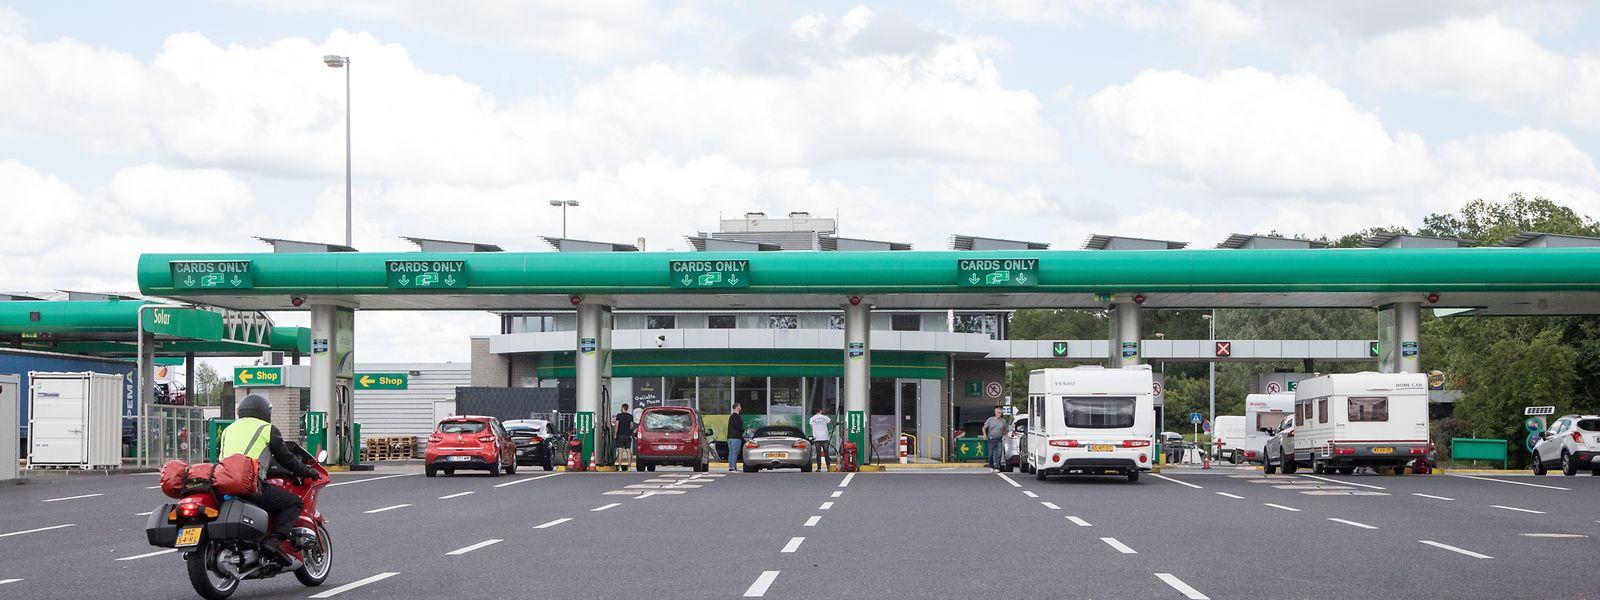 Die beiden einzigen Tankstellen, die in Mamer von einer kommunalen Gebühr betroffen wären, sind die der Aire de Capellen. Andere gibt es auf dem Gemeindegebiet nicht.